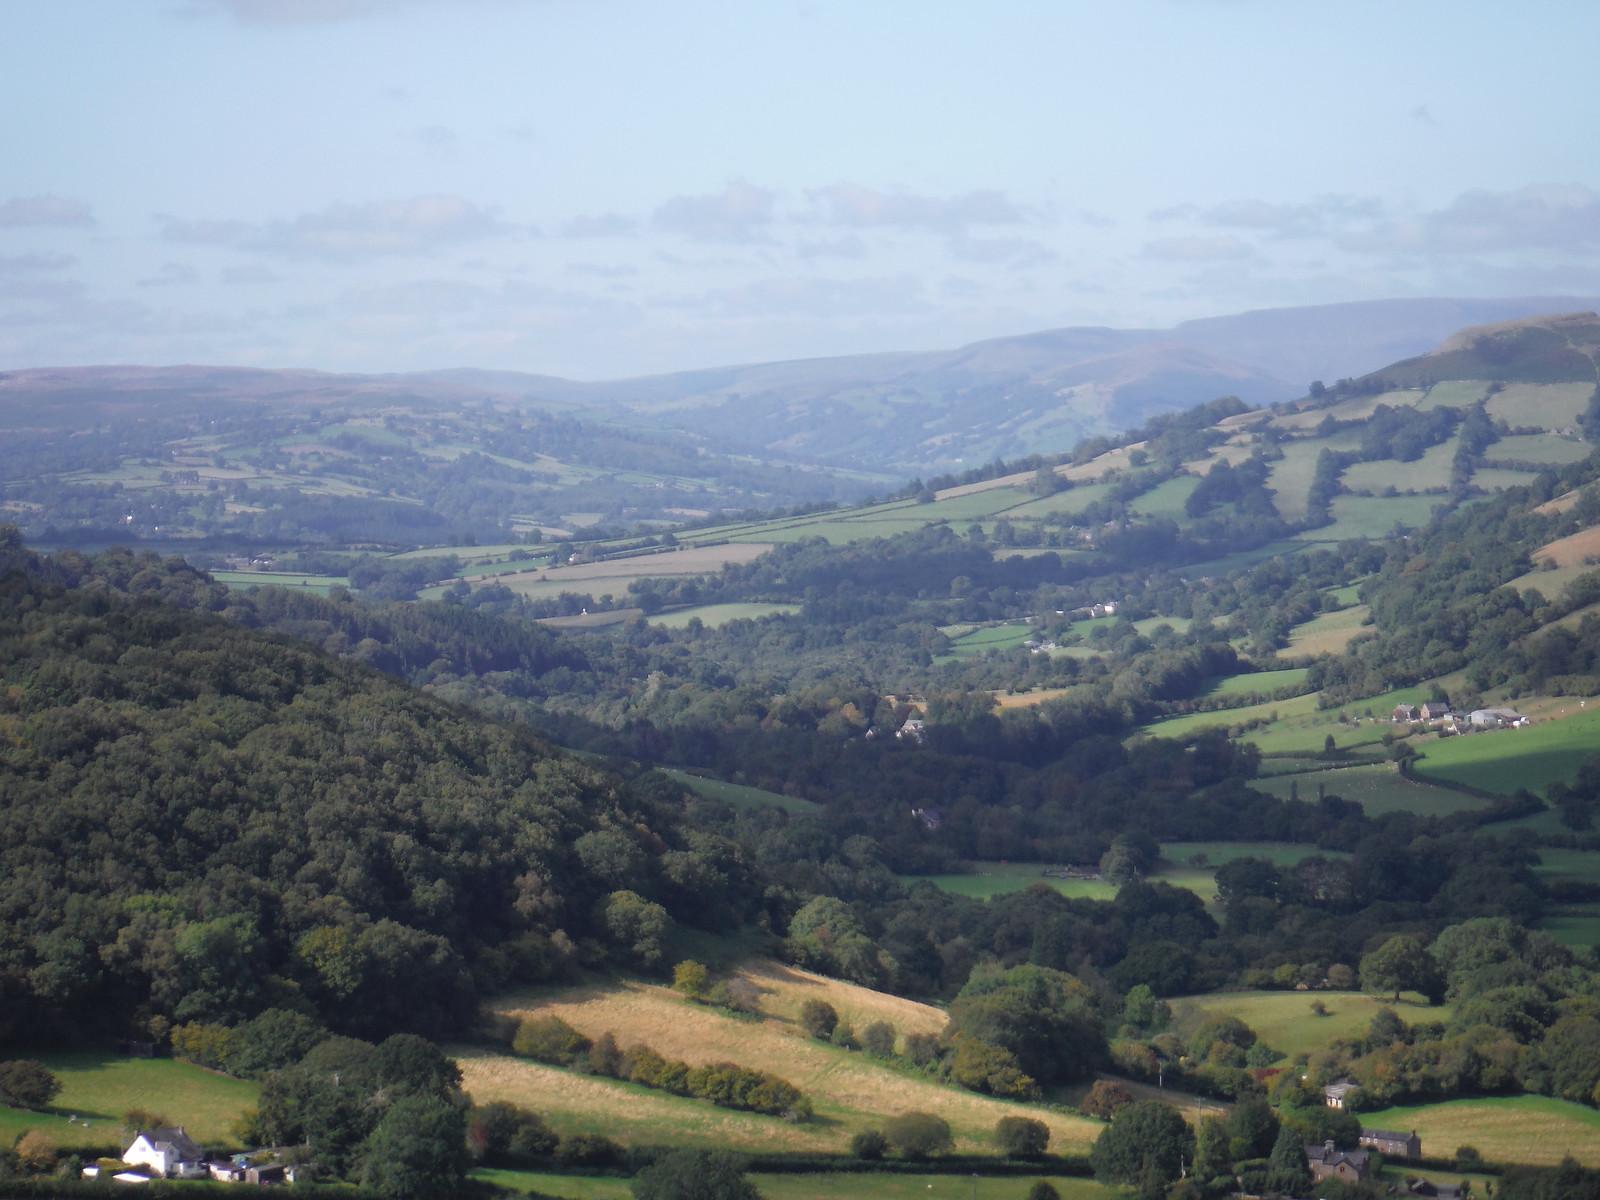 Westerly View from Coal Pit Hill, Bryn Arw SWC Walk 347 - Llanvihangel Crucorney Circular (via Bryn Arw and The Skirrid)